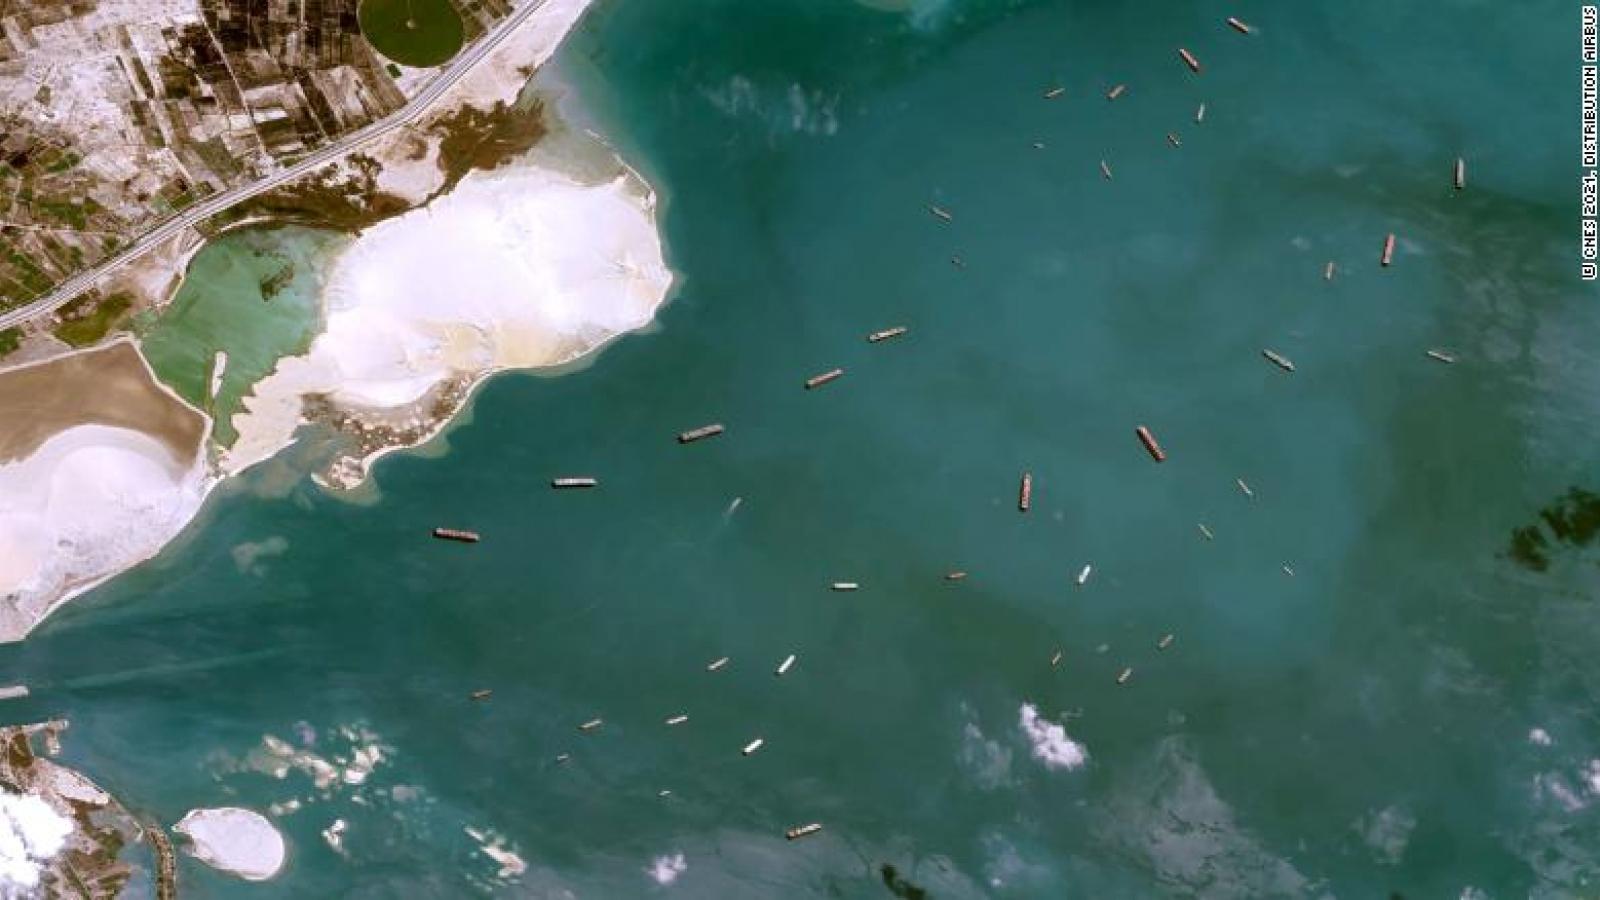 Sự cố kênh đào Suez là lời cảnh tỉnh đối với Mỹ